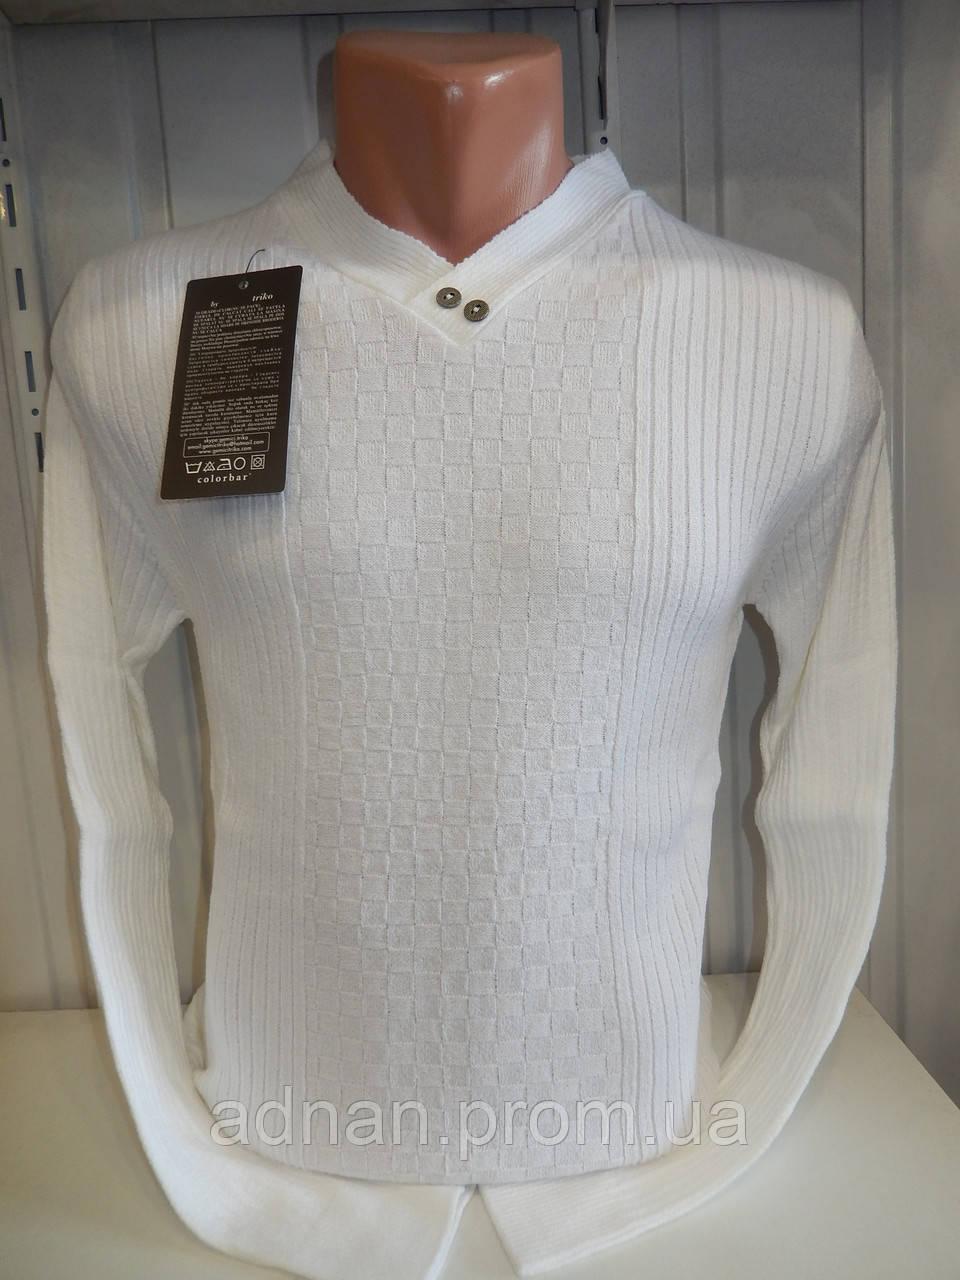 Светр чоловічий COLORBAR, візерунок на фото 004/ купиь светр чоловічий оптом